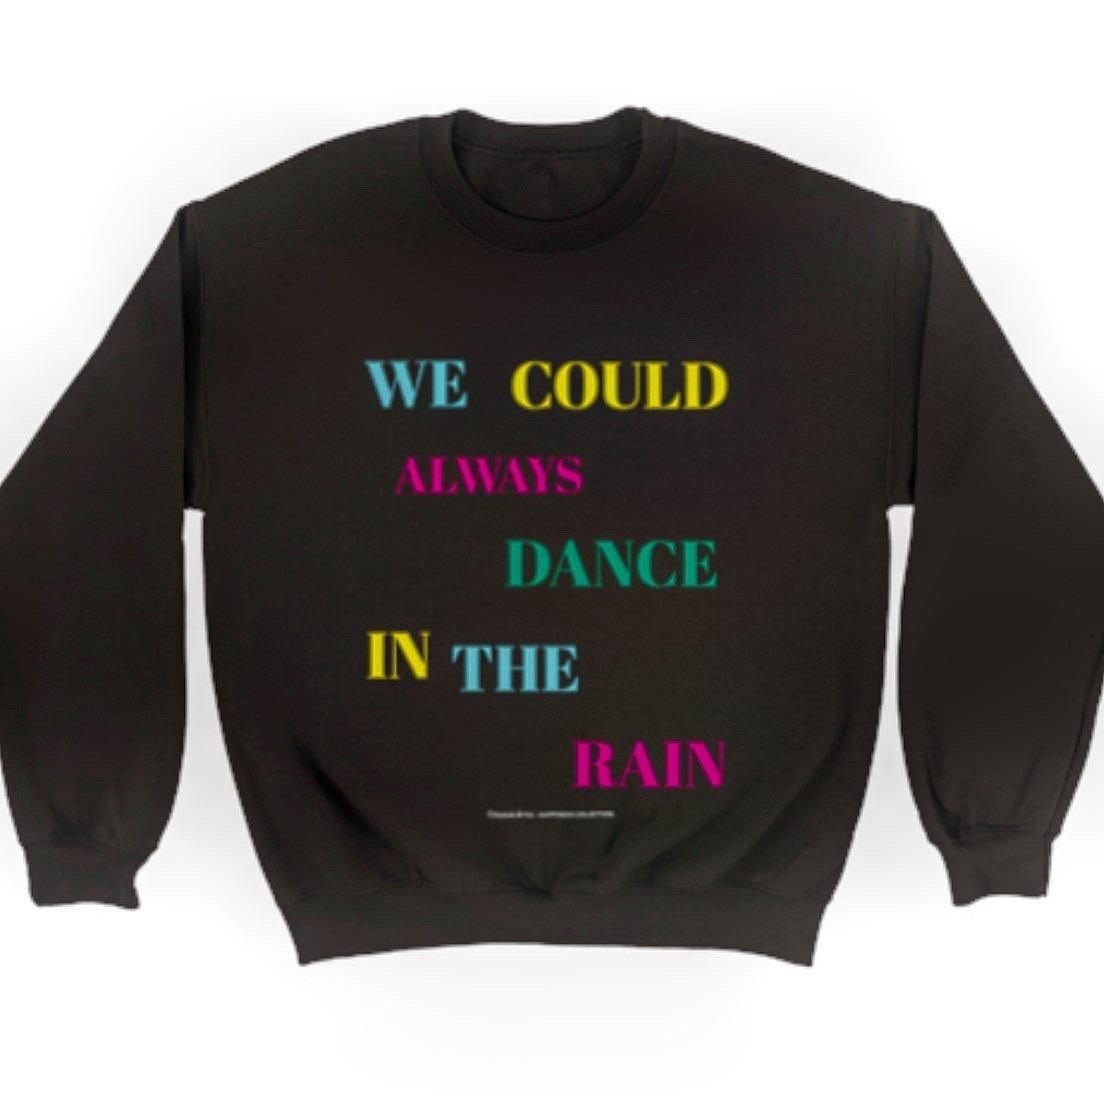 Image of We could always dance in the rain sweatshirt